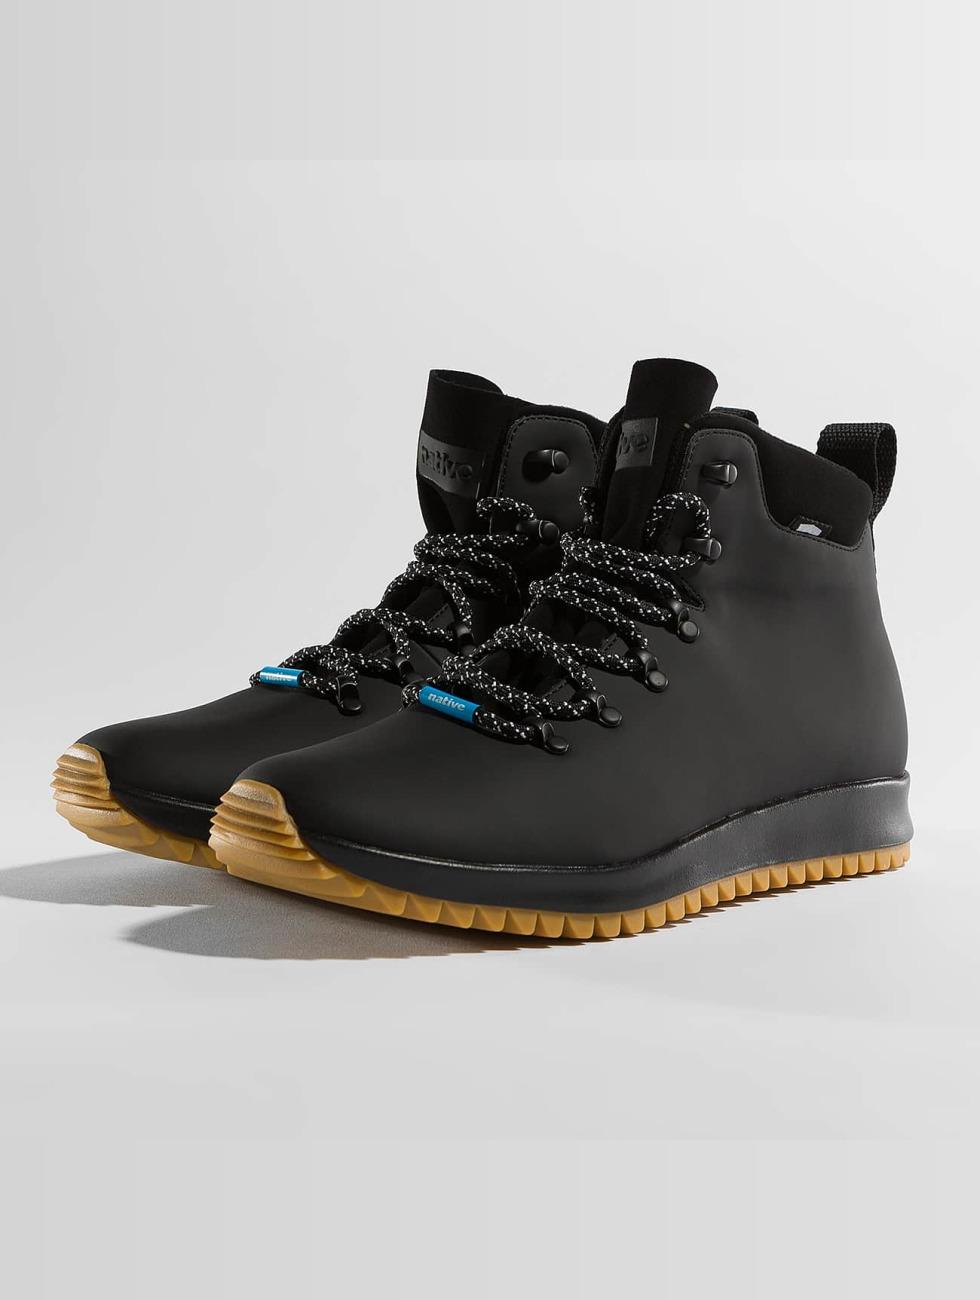 Native schoen / Boots AP Apex CT in zwart 379198 origineel JYQeb